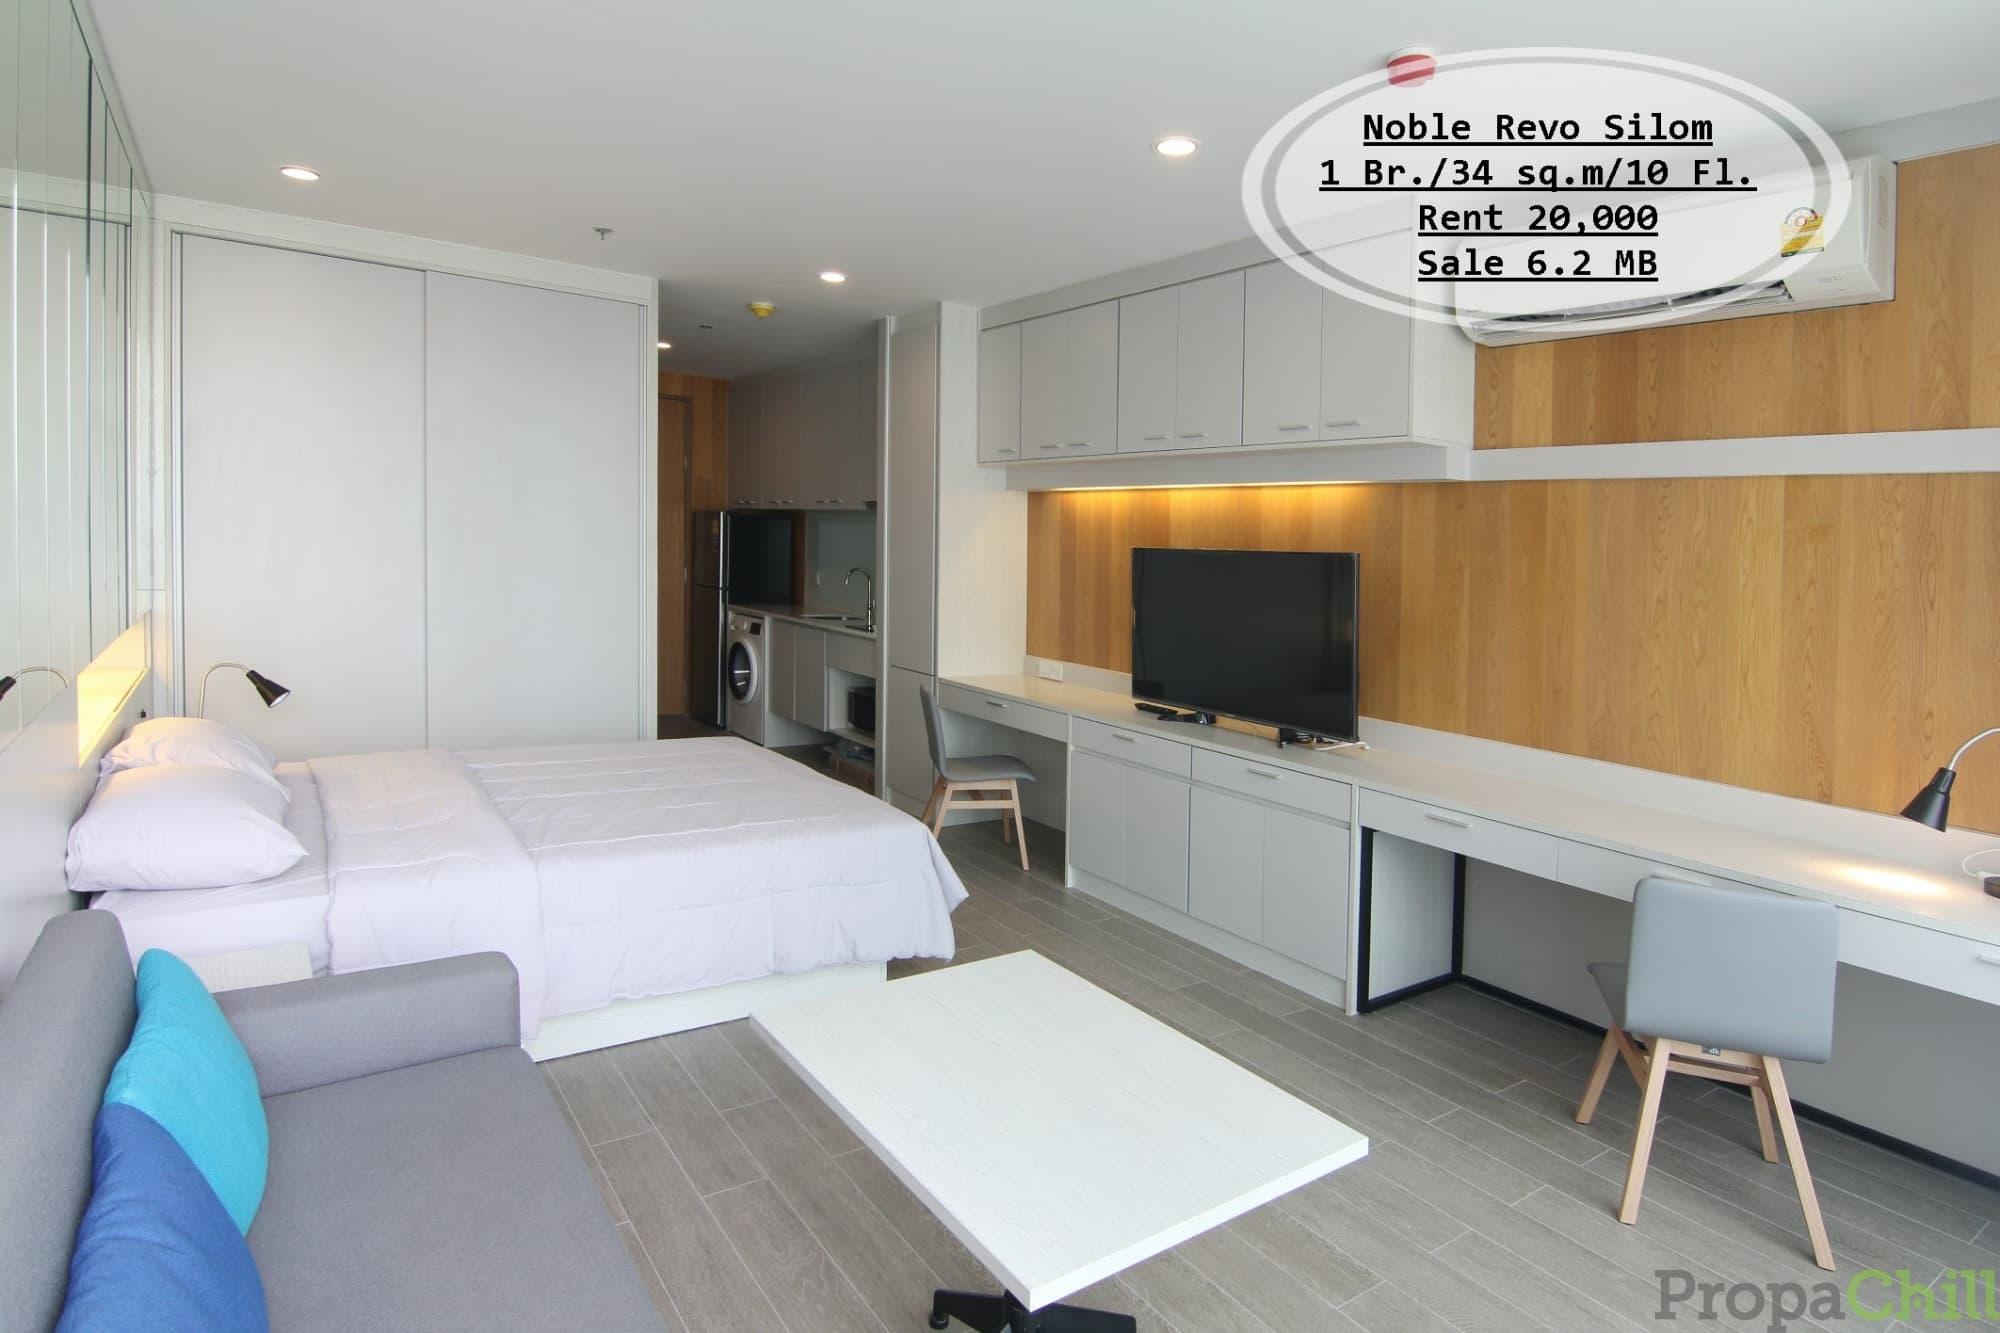 เช่า&ขาย Noble Revo Silom/ 1 นอน / 34 ตรม. /ชั้น10 ใกล้ BTS สุรศักดิ์ เช่า 20,000 บ. /ขาย 6.2 ล้าน